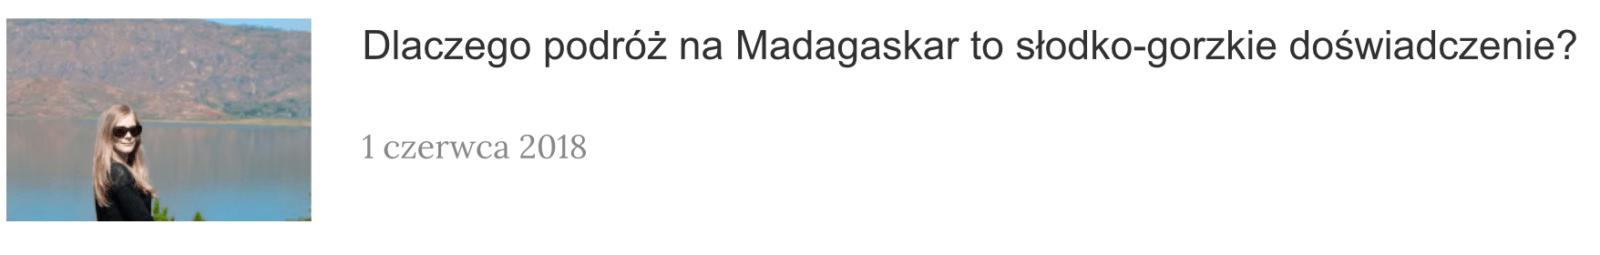 CO ZOBACZYĆ NA MADAGASKARZE